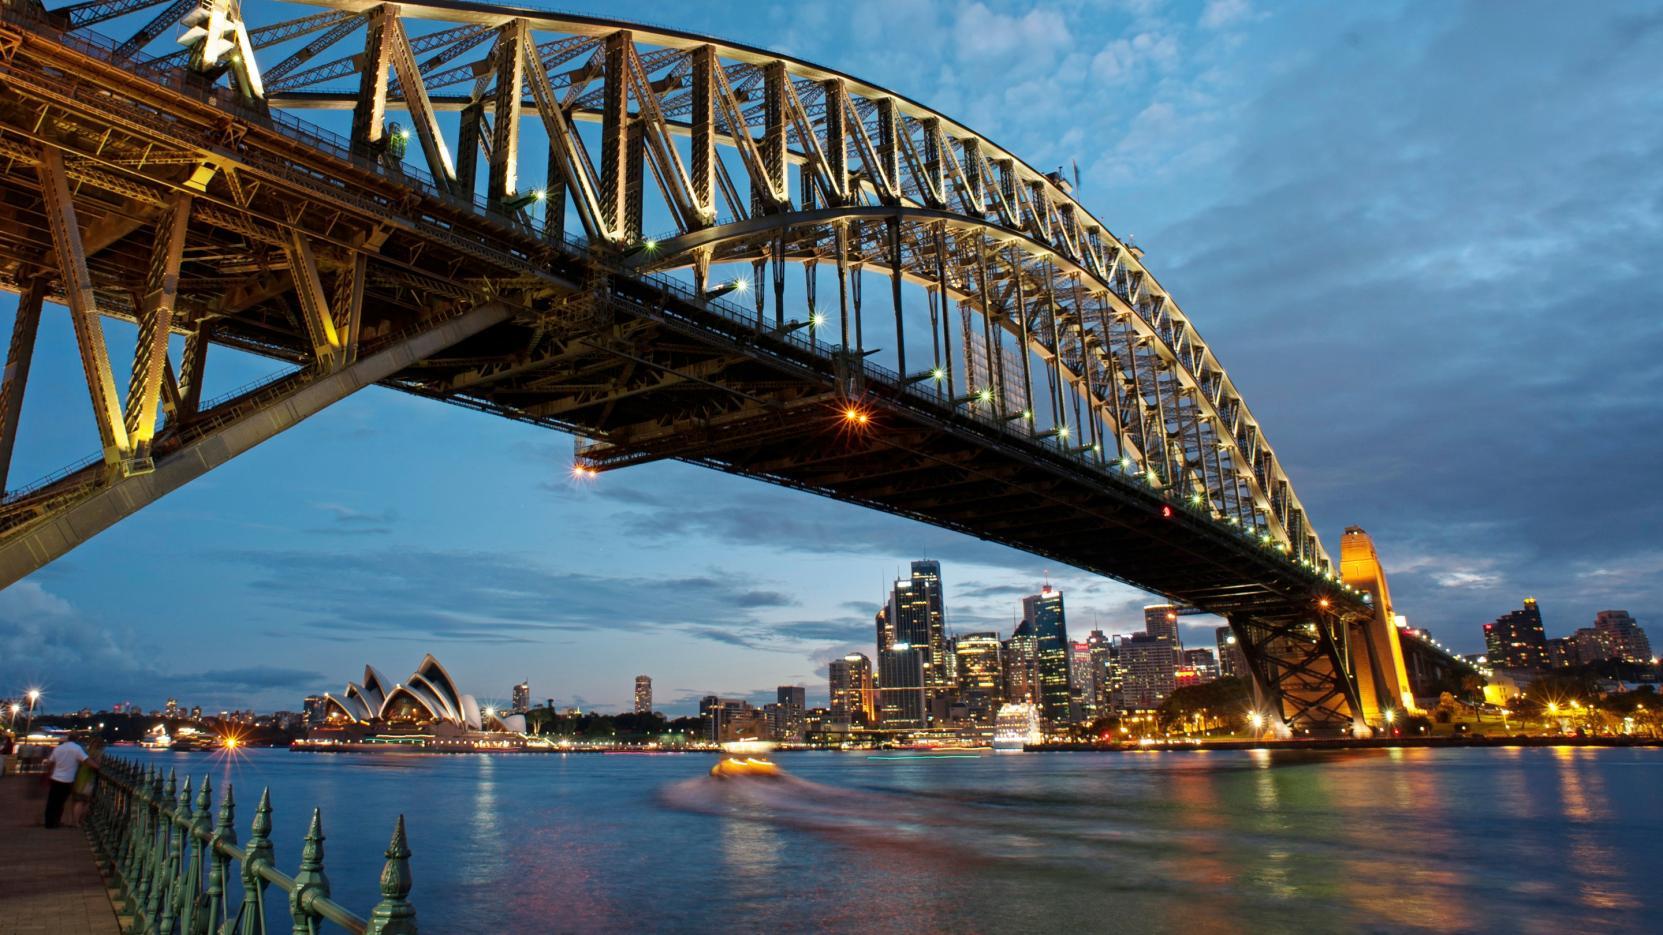 ¿Qué ventajas ofrece cursar un programa de educación superior en Australia?